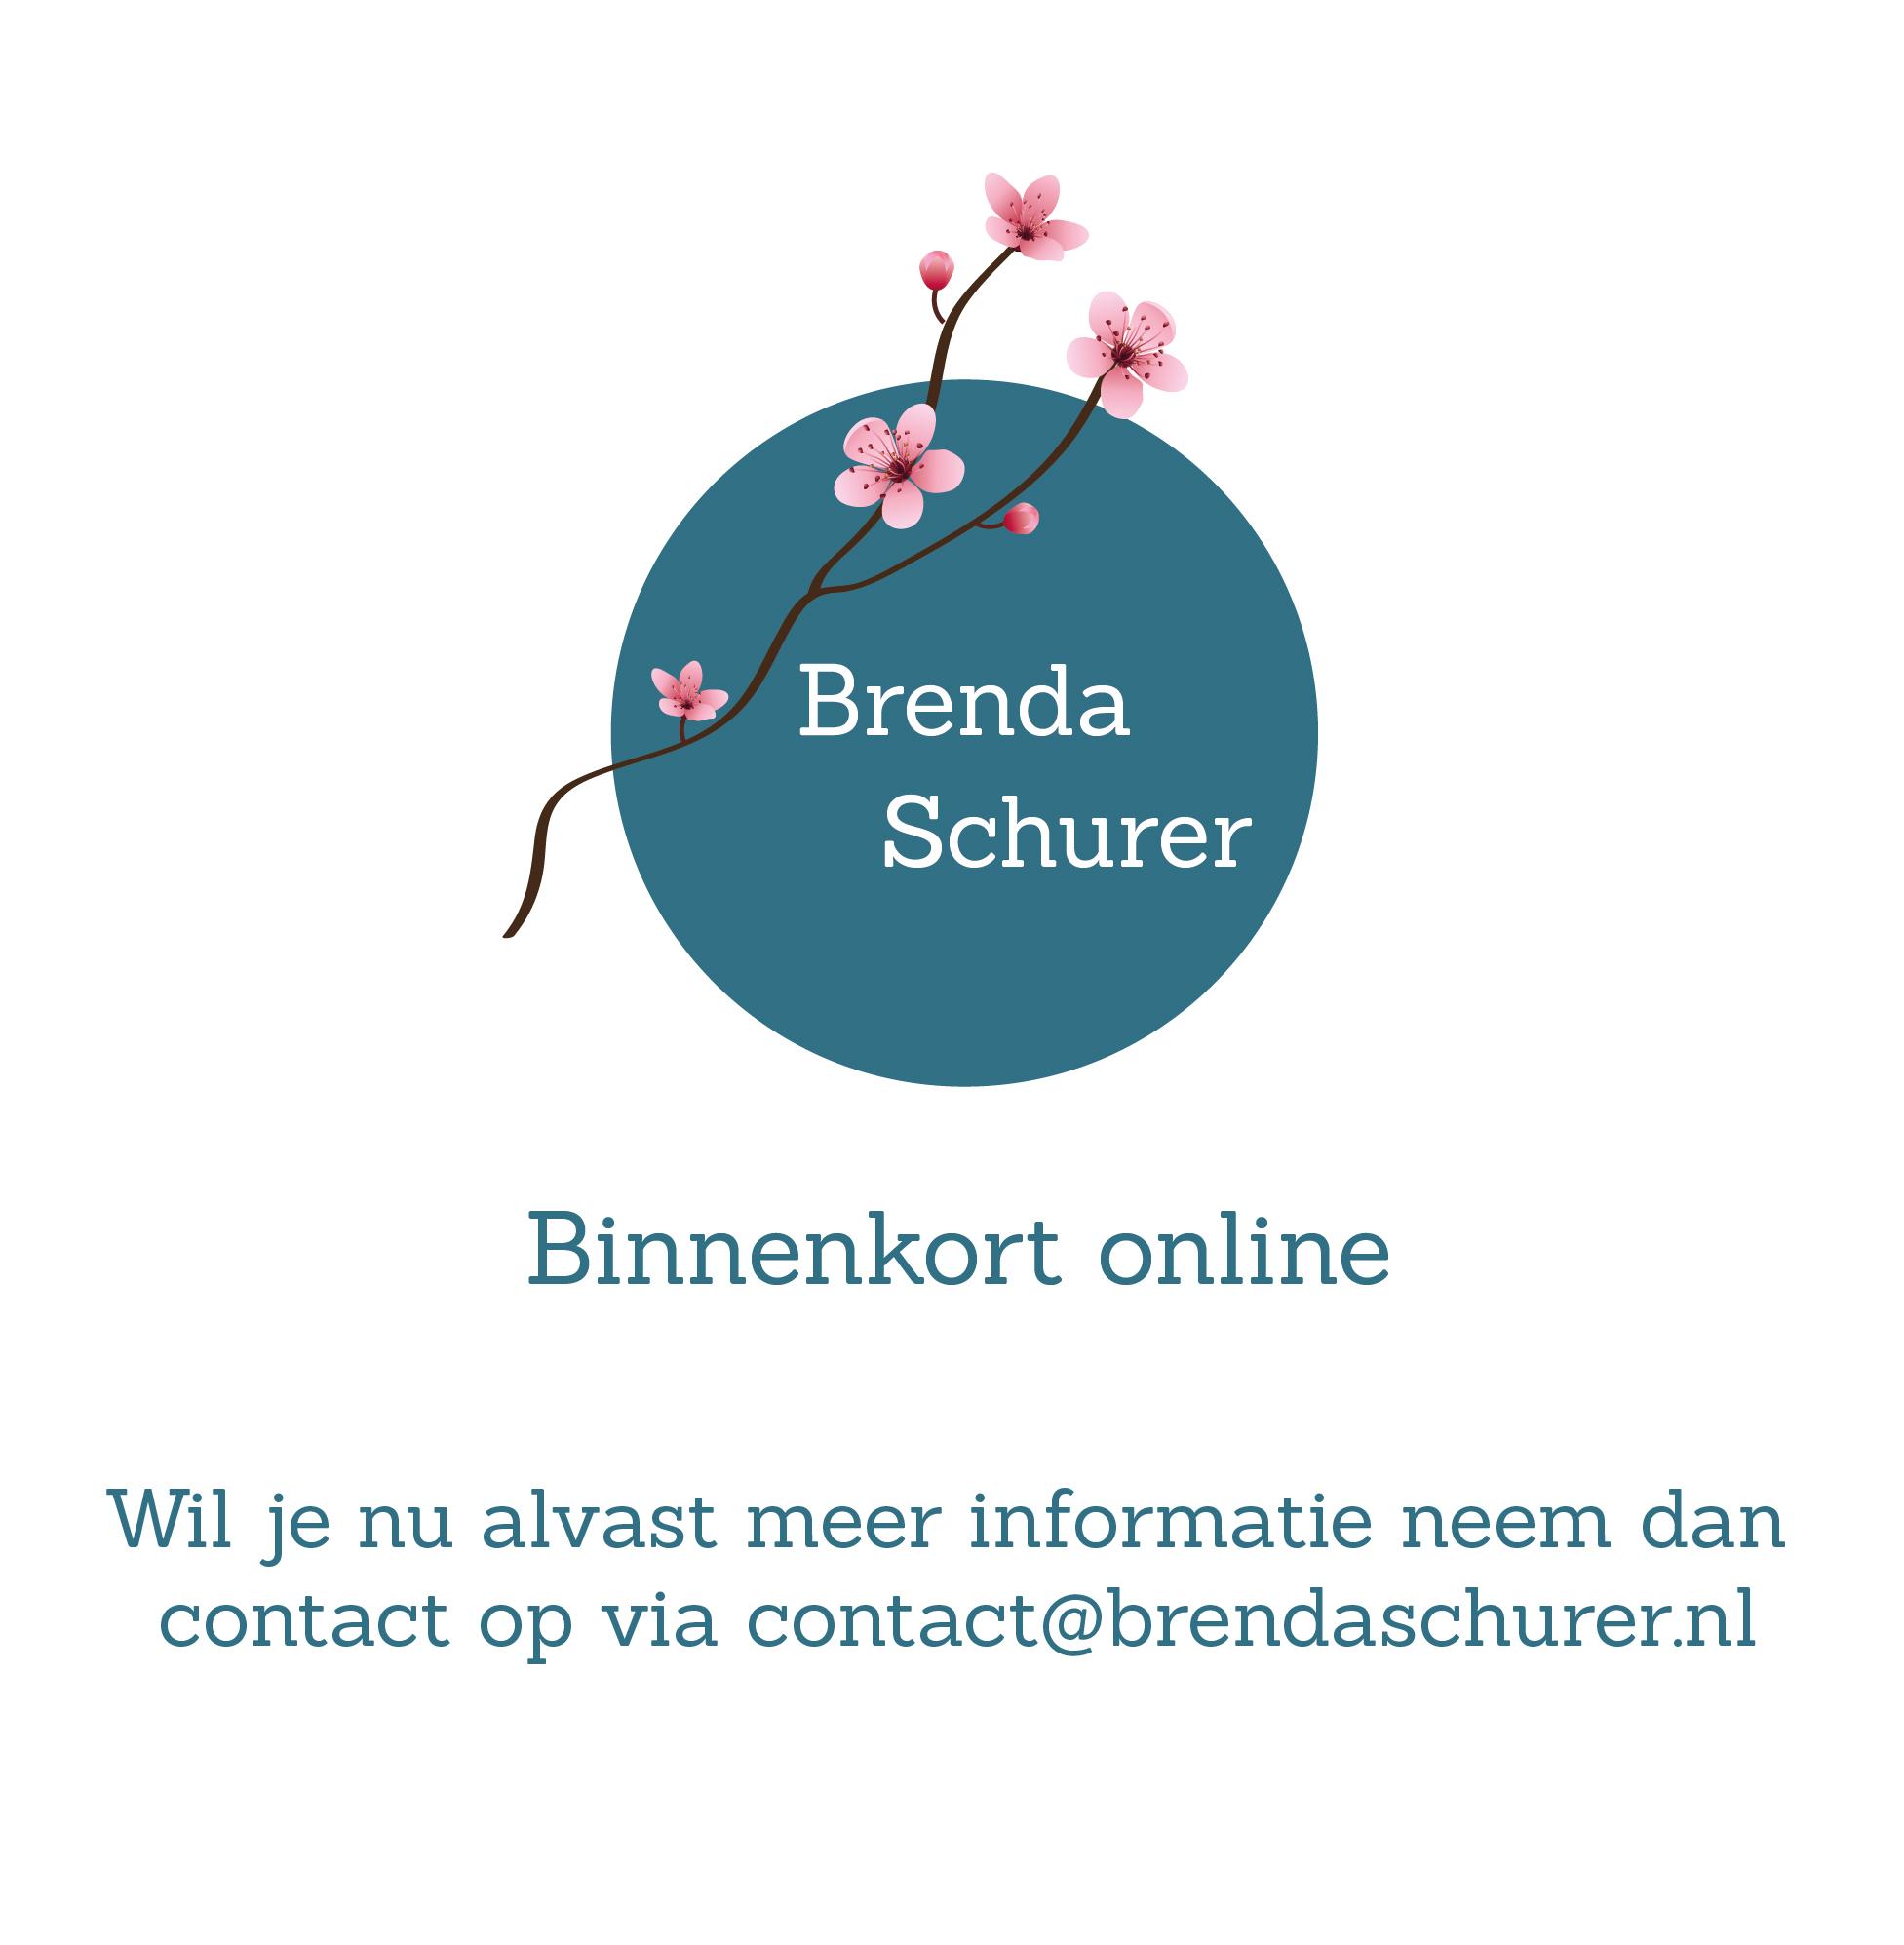 Brenda Schurer